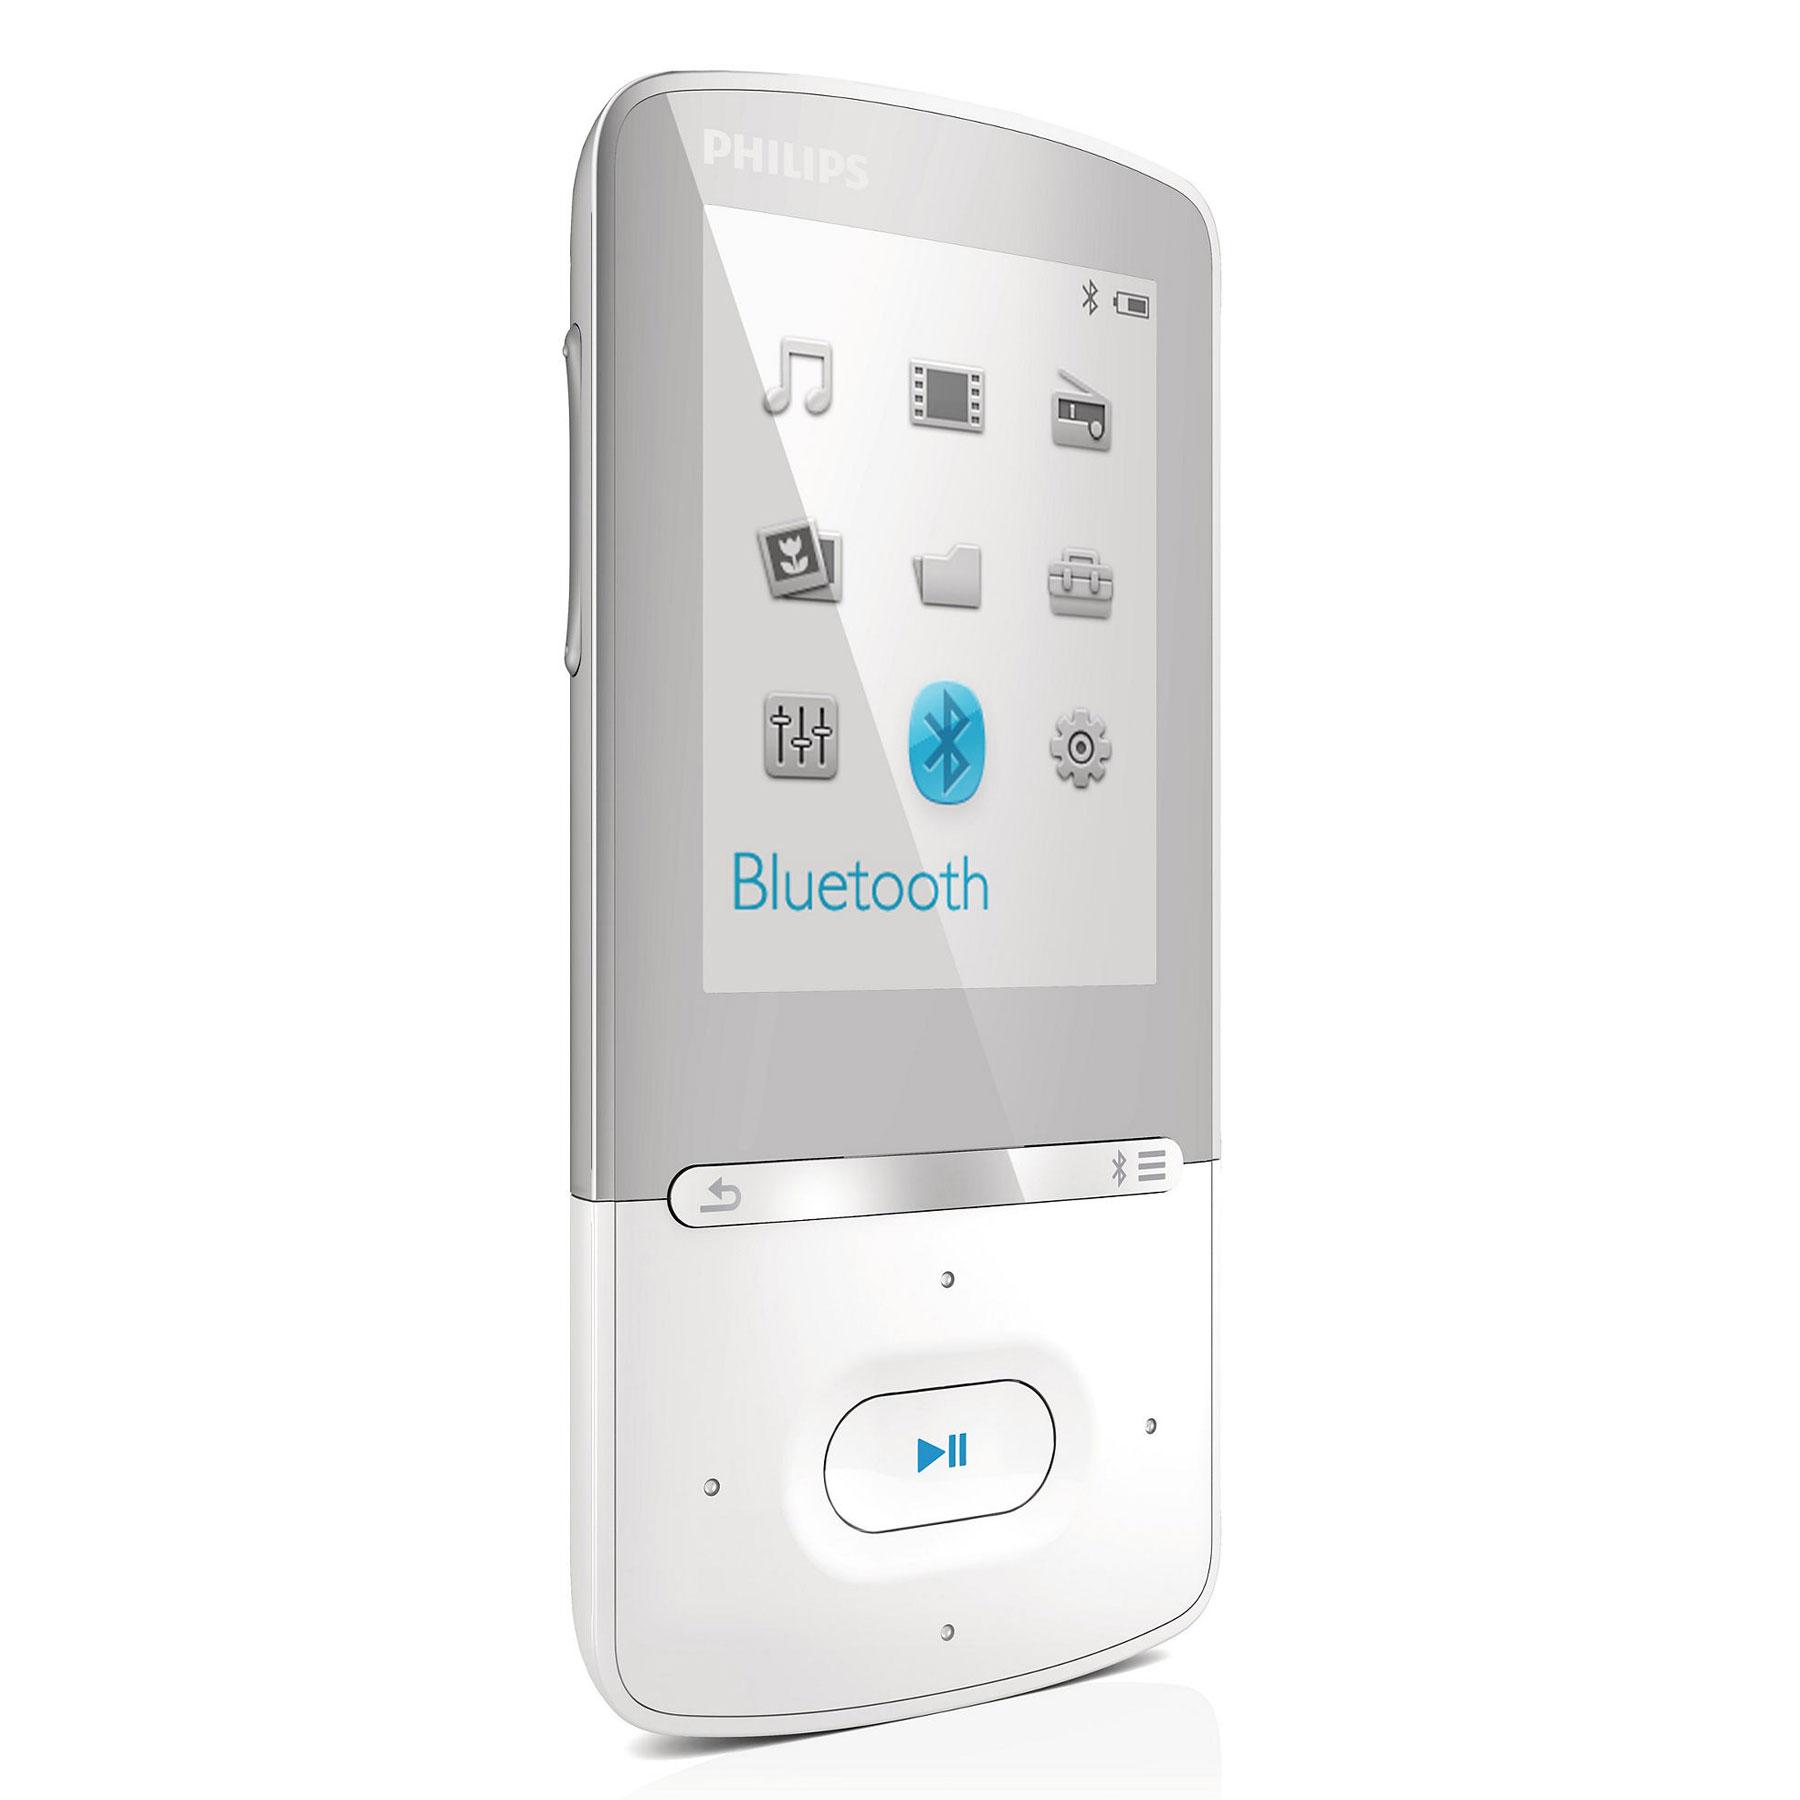 philips azure 4 go blanc lecteur mp3 ipod philips sur. Black Bedroom Furniture Sets. Home Design Ideas